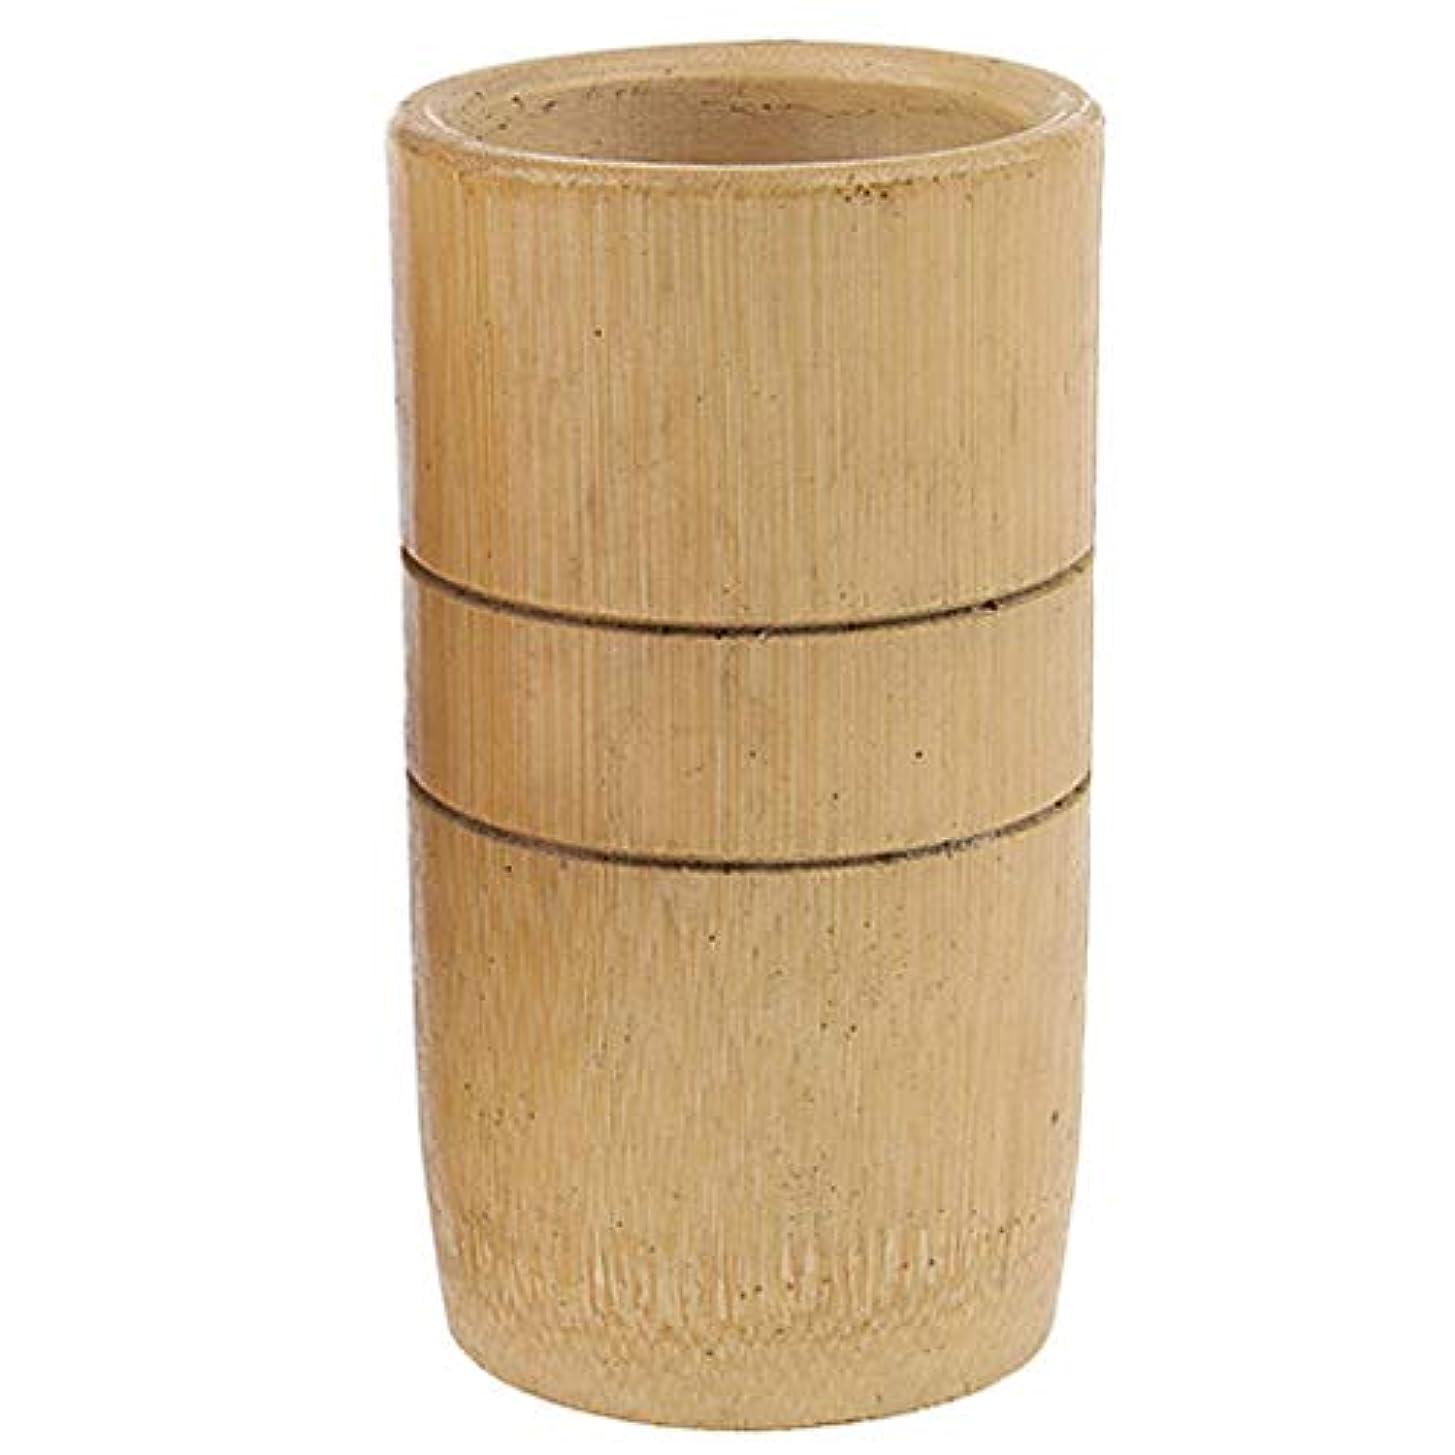 やりすぎ暗記するクラック2個 マッサージ吸い玉 カッピング 天然竹製 全身マッサージ用 血流促進